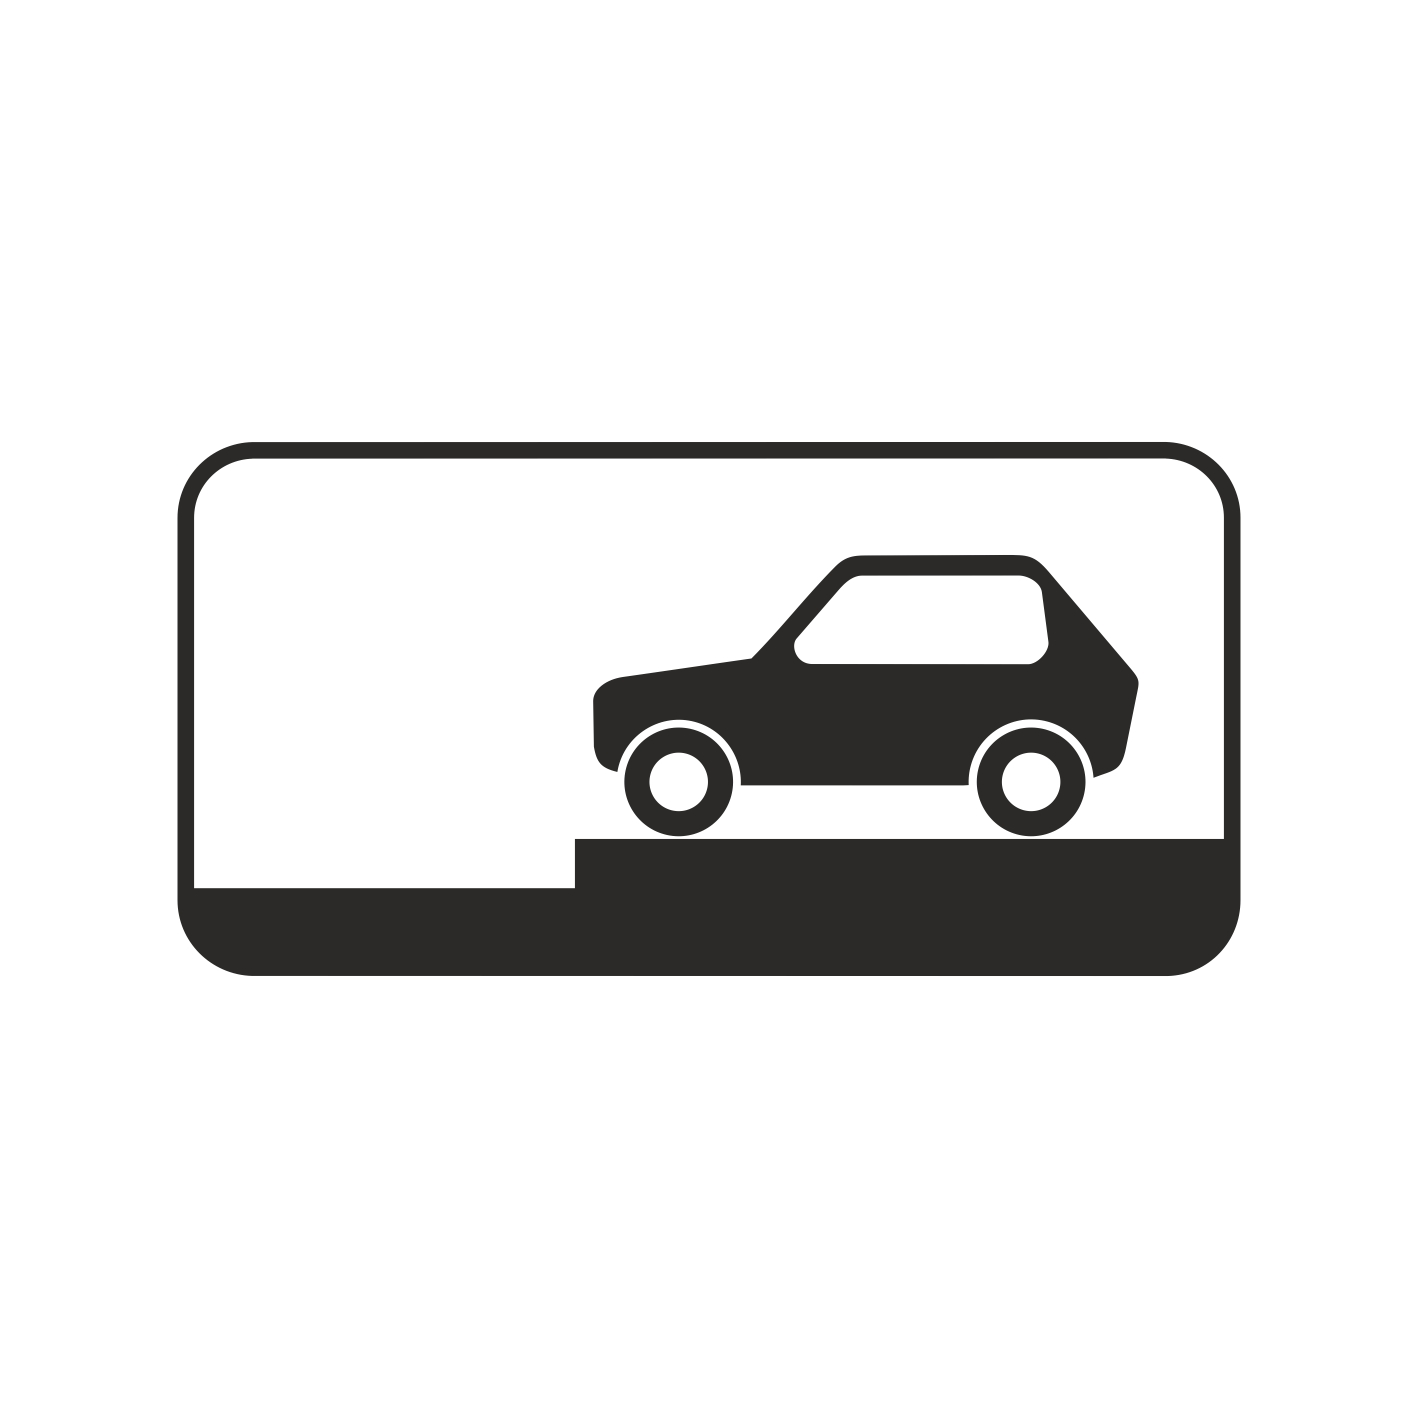 8.6.8 Способ постановки транспортного средства на стоянку